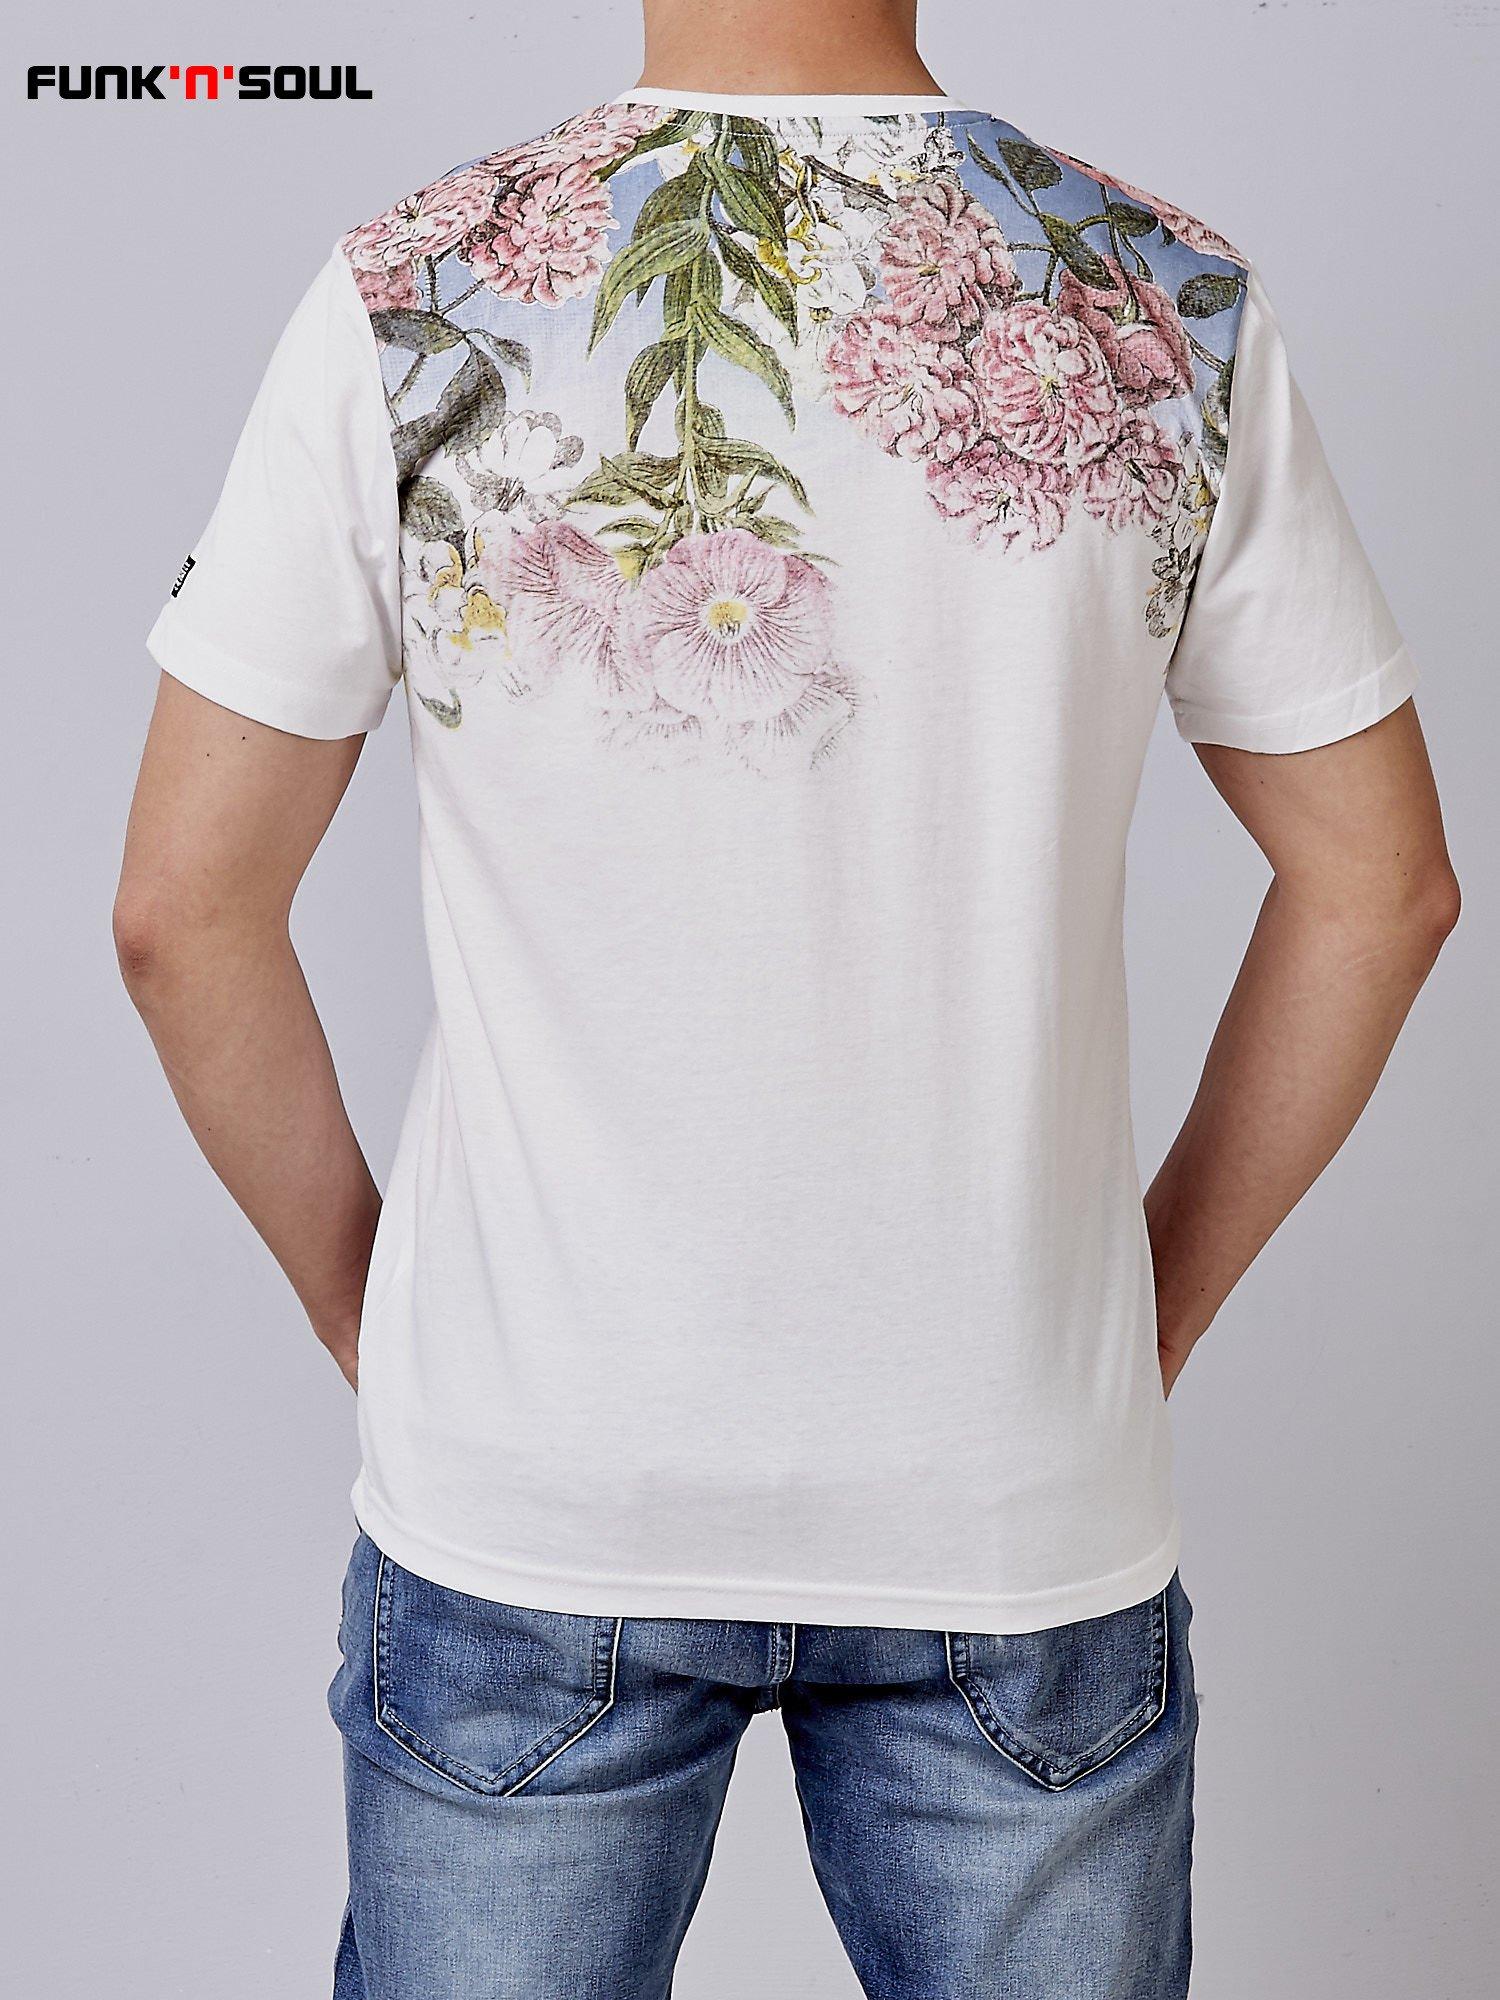 Biały t-shirt męski hipster w kwiaty Funk n Soul                                  zdj.                                  3